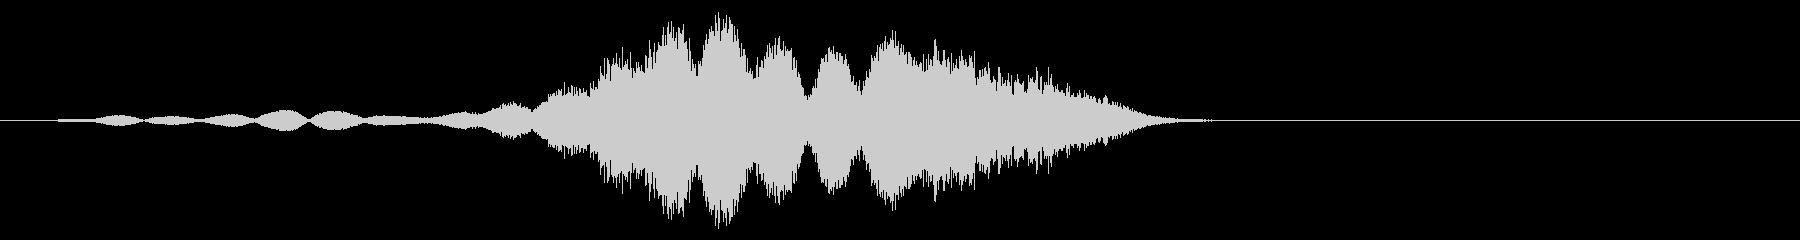 厳しいボーカル降順パスの未再生の波形